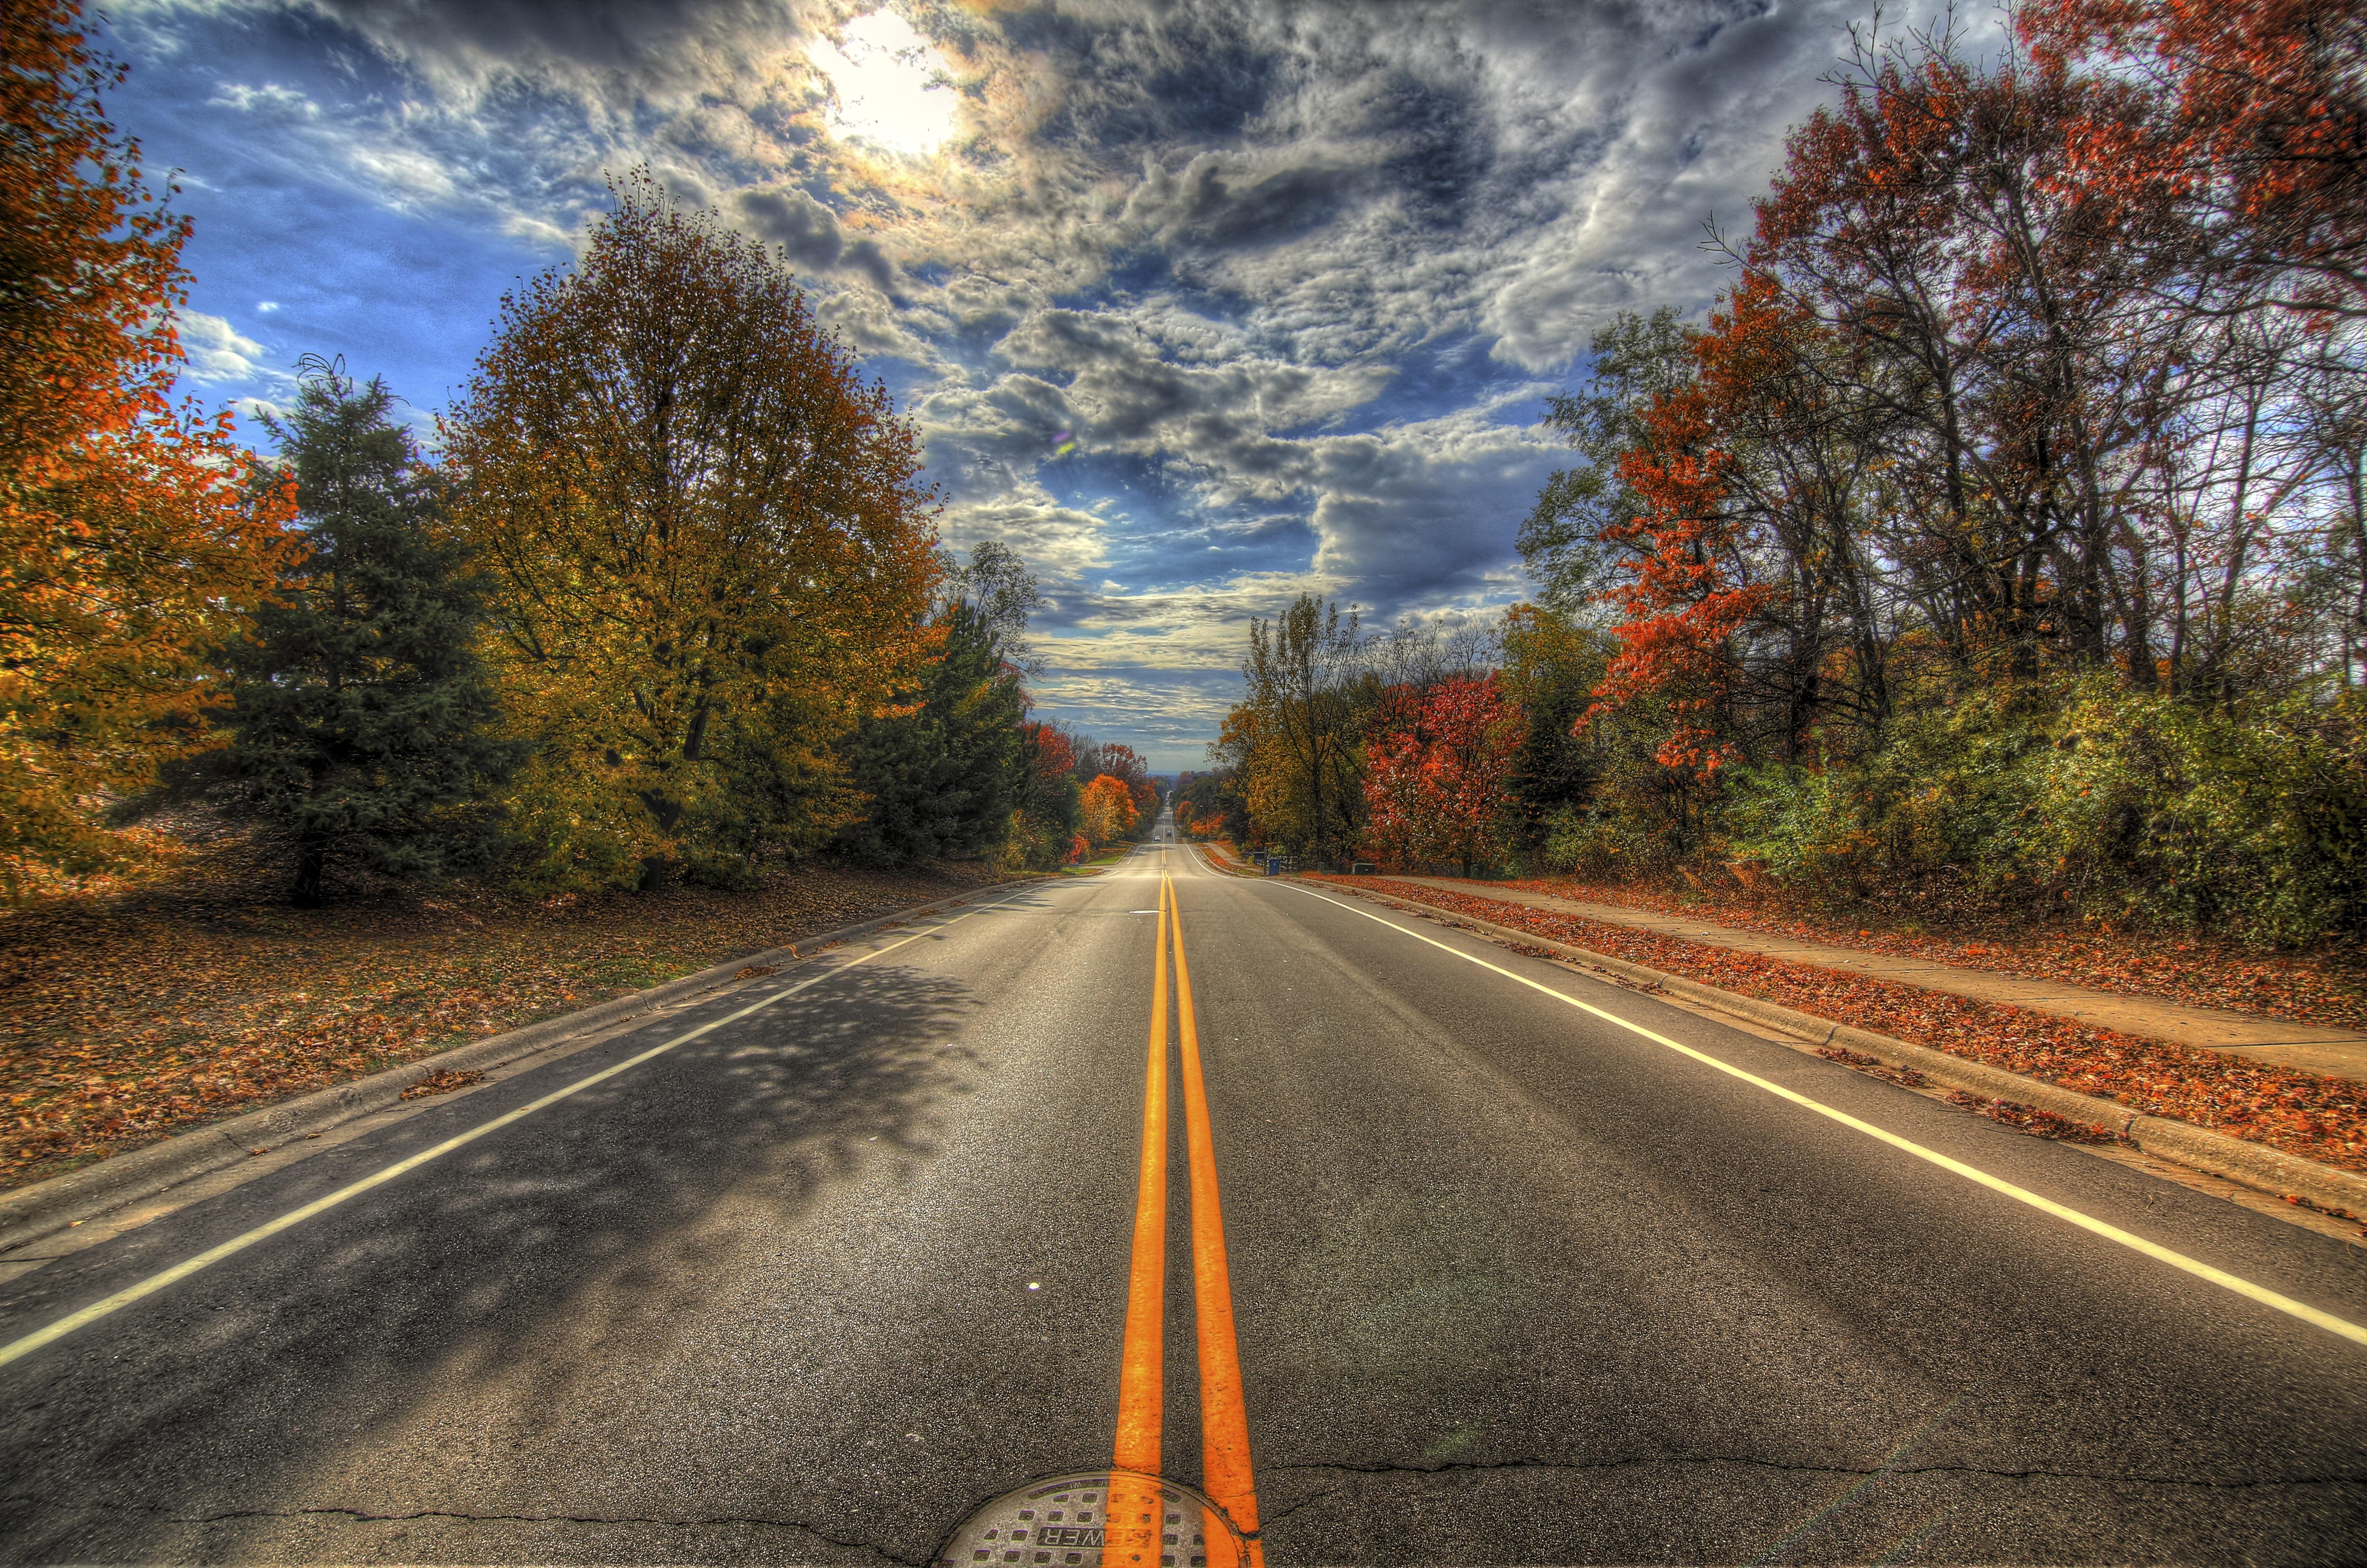 деревья осень дорога загрузить